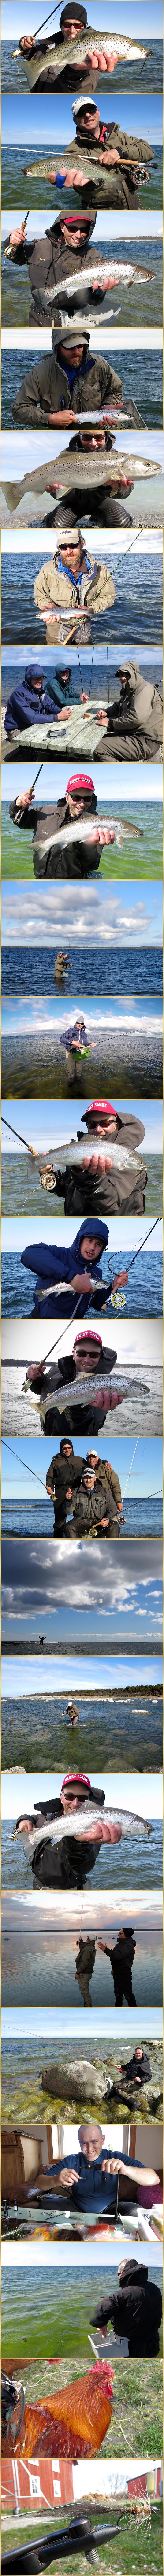 gotland flyfishing